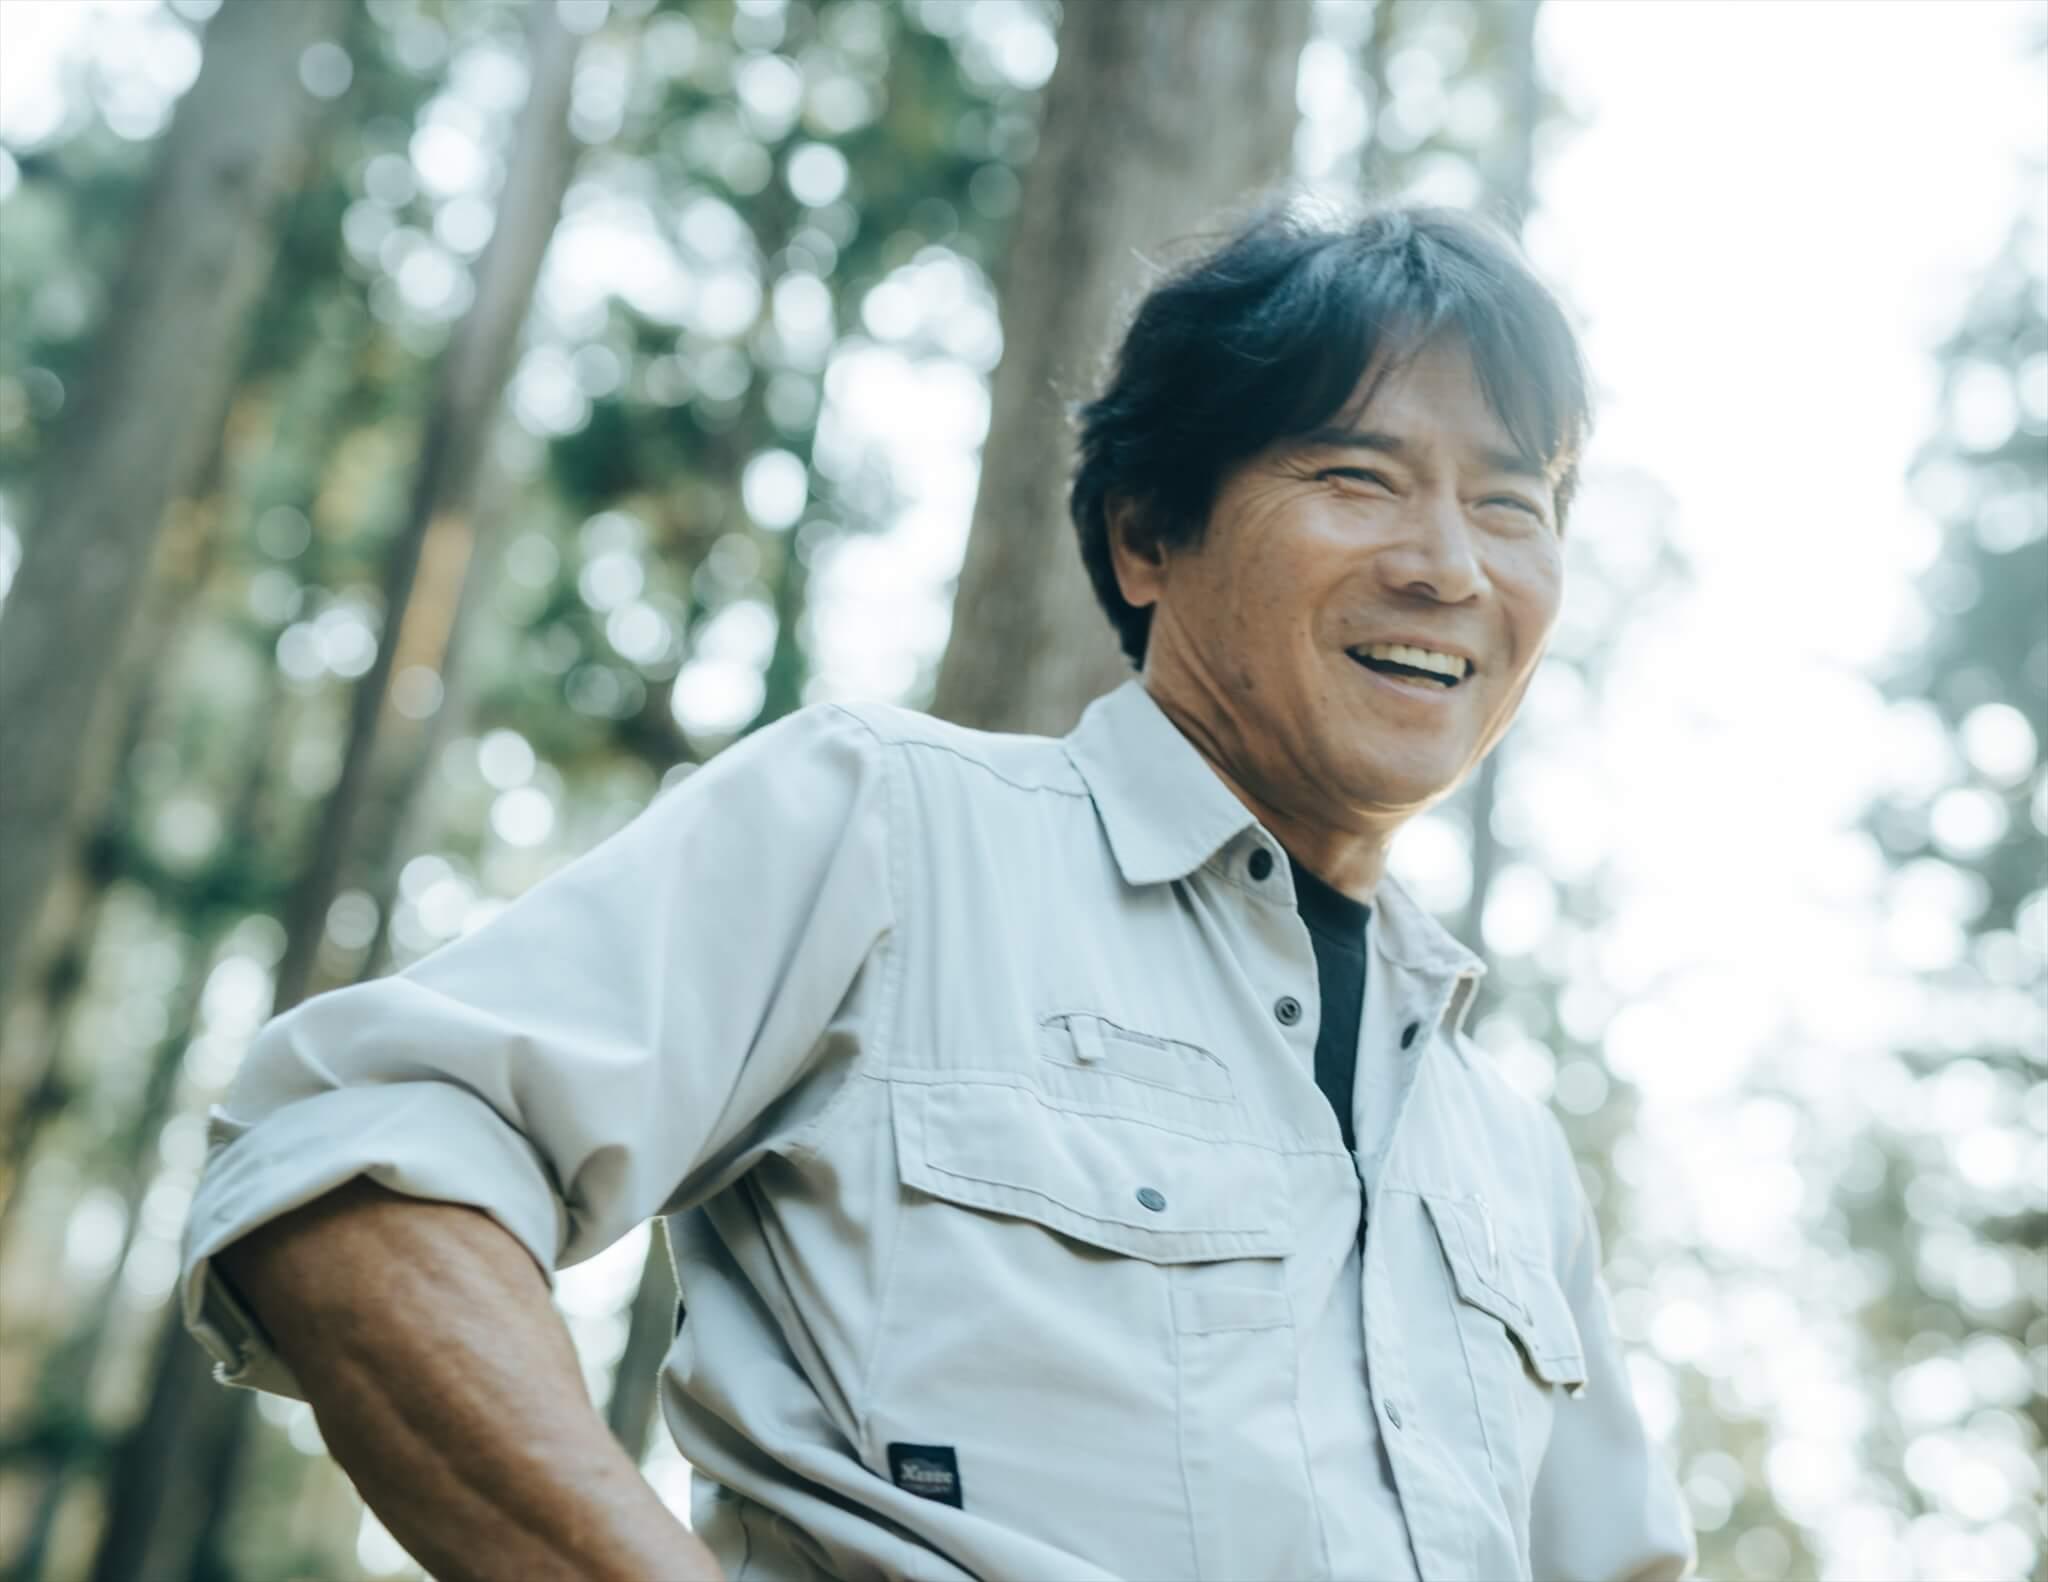 根羽村森林組合の参事を務める今村さん。東京出身